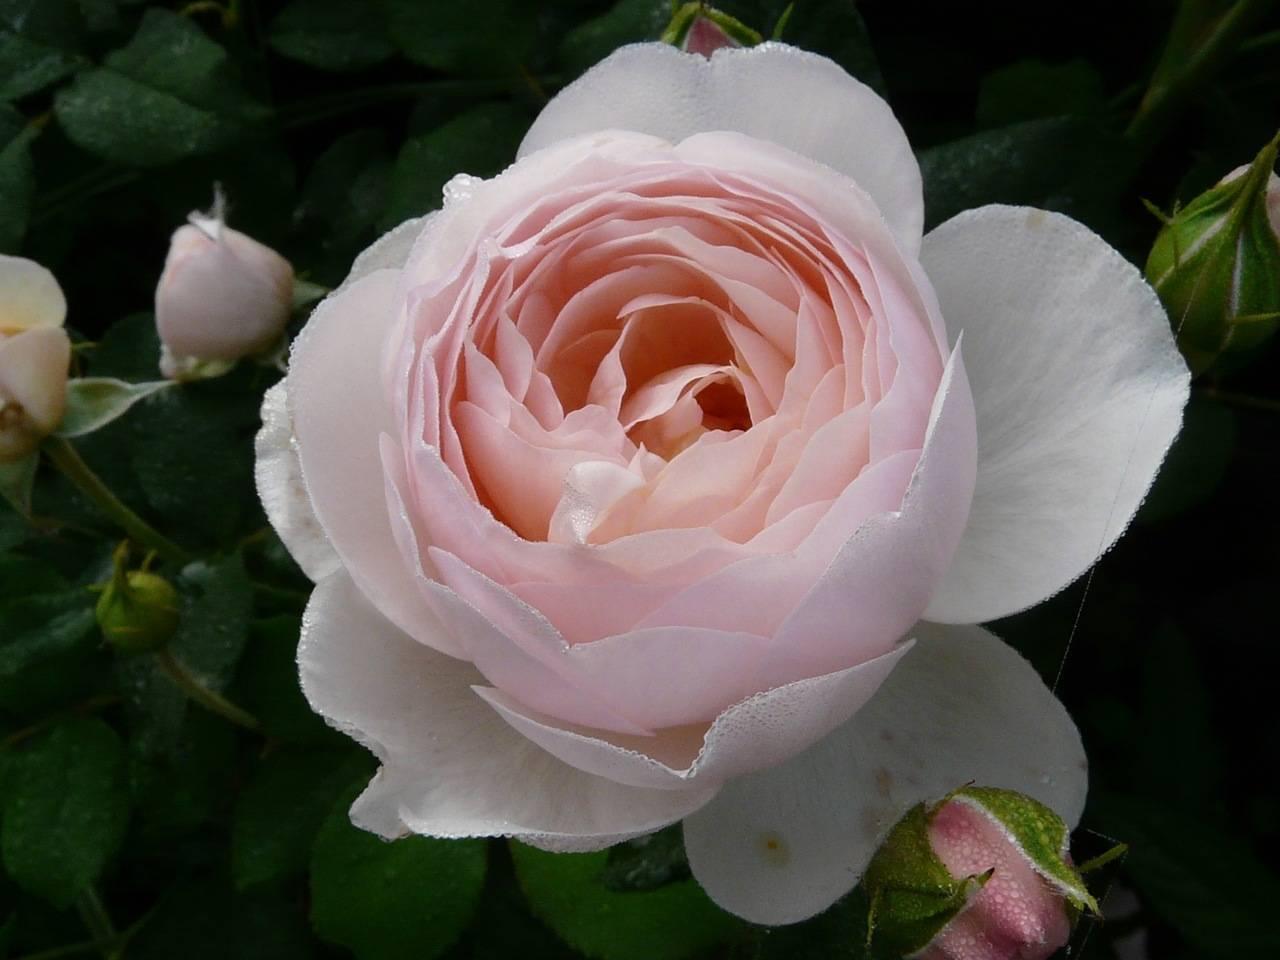 Роза Херитейдж (Heritage) — особенности мускусного сорта